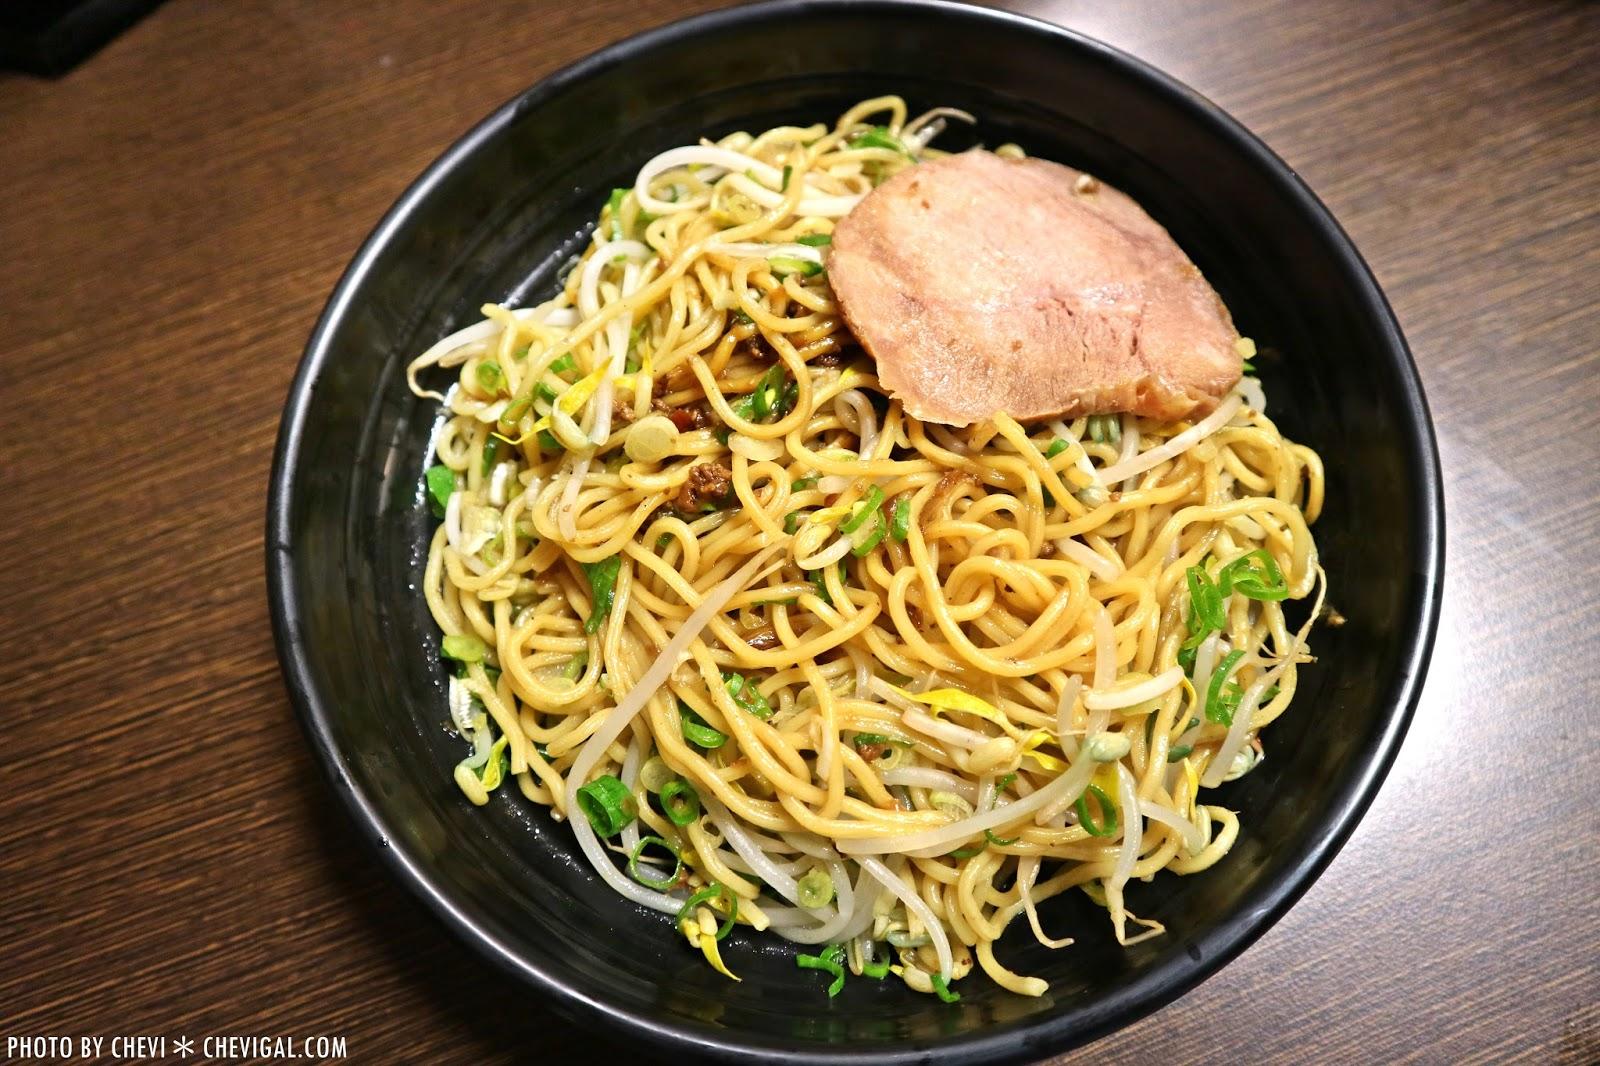 IMG 9605 - 台中烏日│東京屋台拉麵-烏日店。鵝蛋溏心蛋的巨蛋拉麵好特別。平價餐點口味還不錯